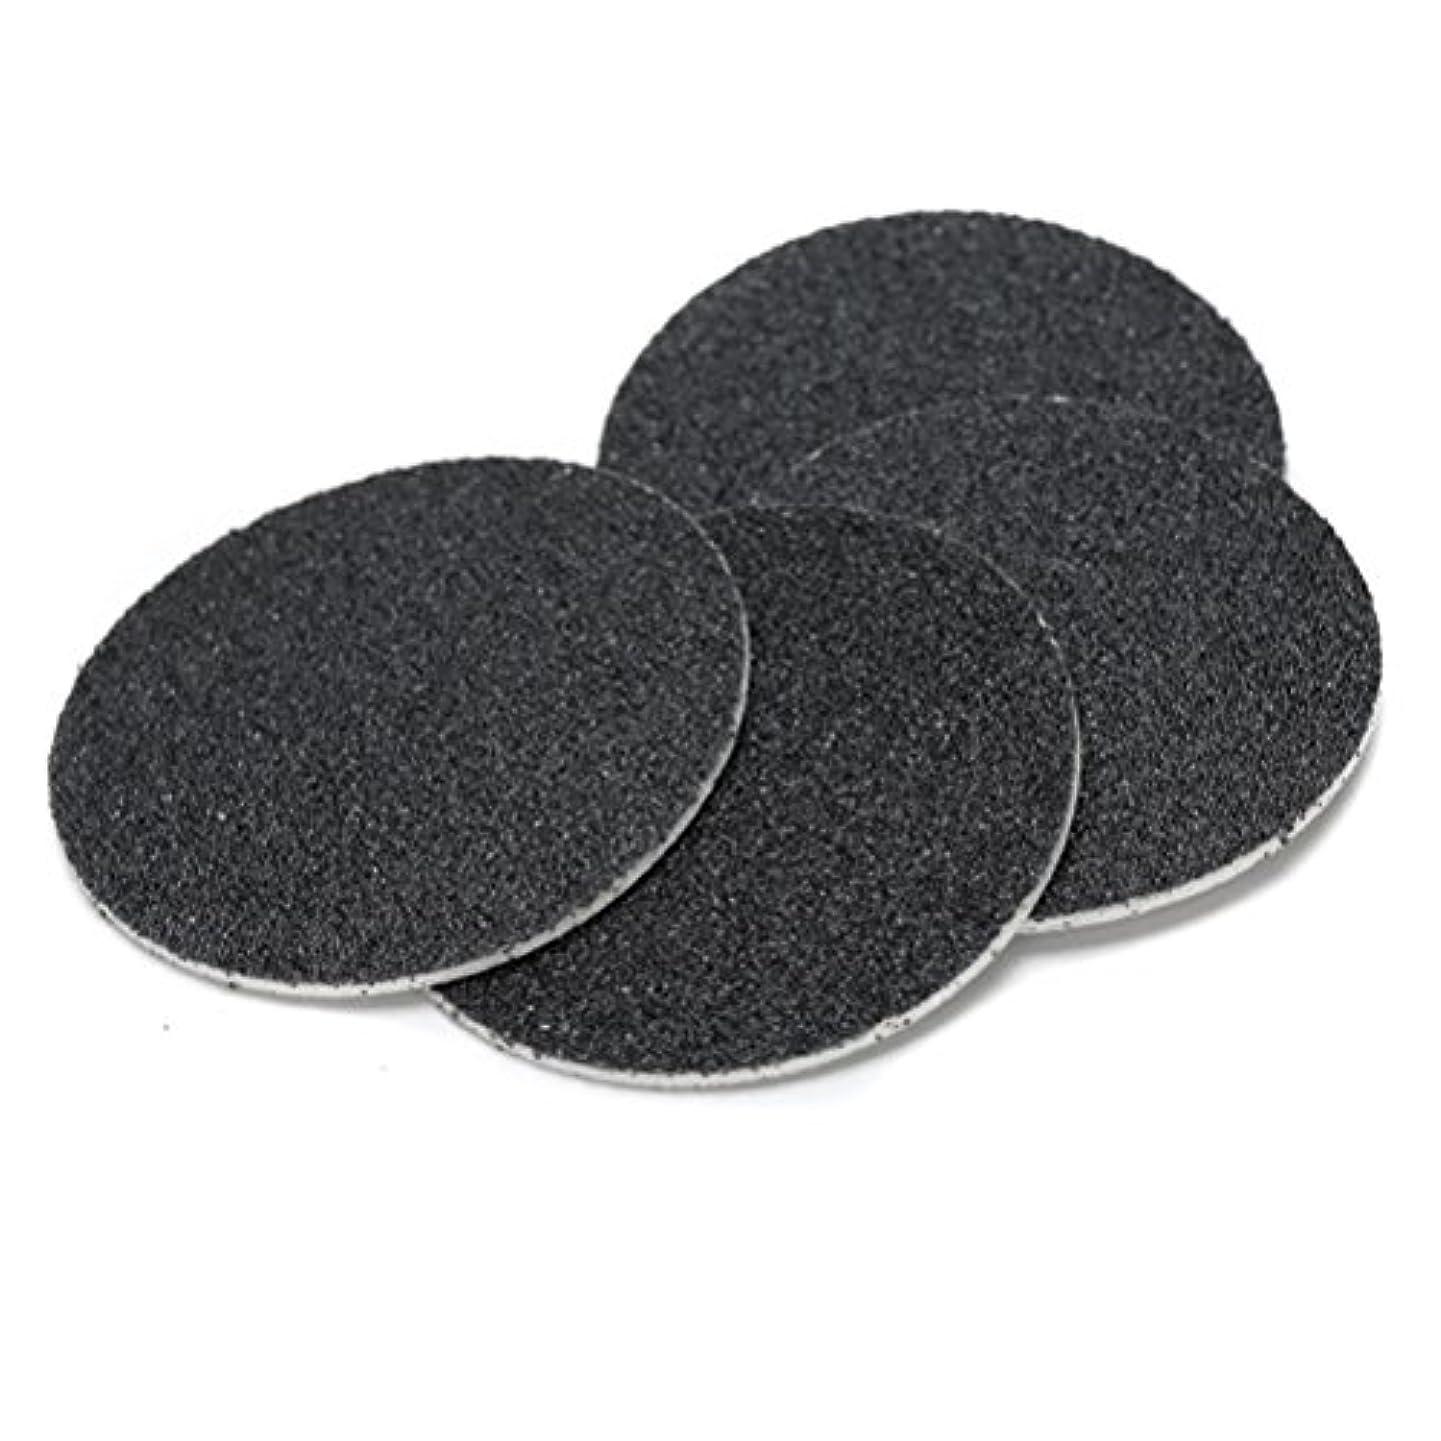 増幅球状麦芽Joint Victory Pedicure Tools 1 Box (60pcs) Replacement Sandpaper Discs Pad for Electric Foot File Callus Remover...